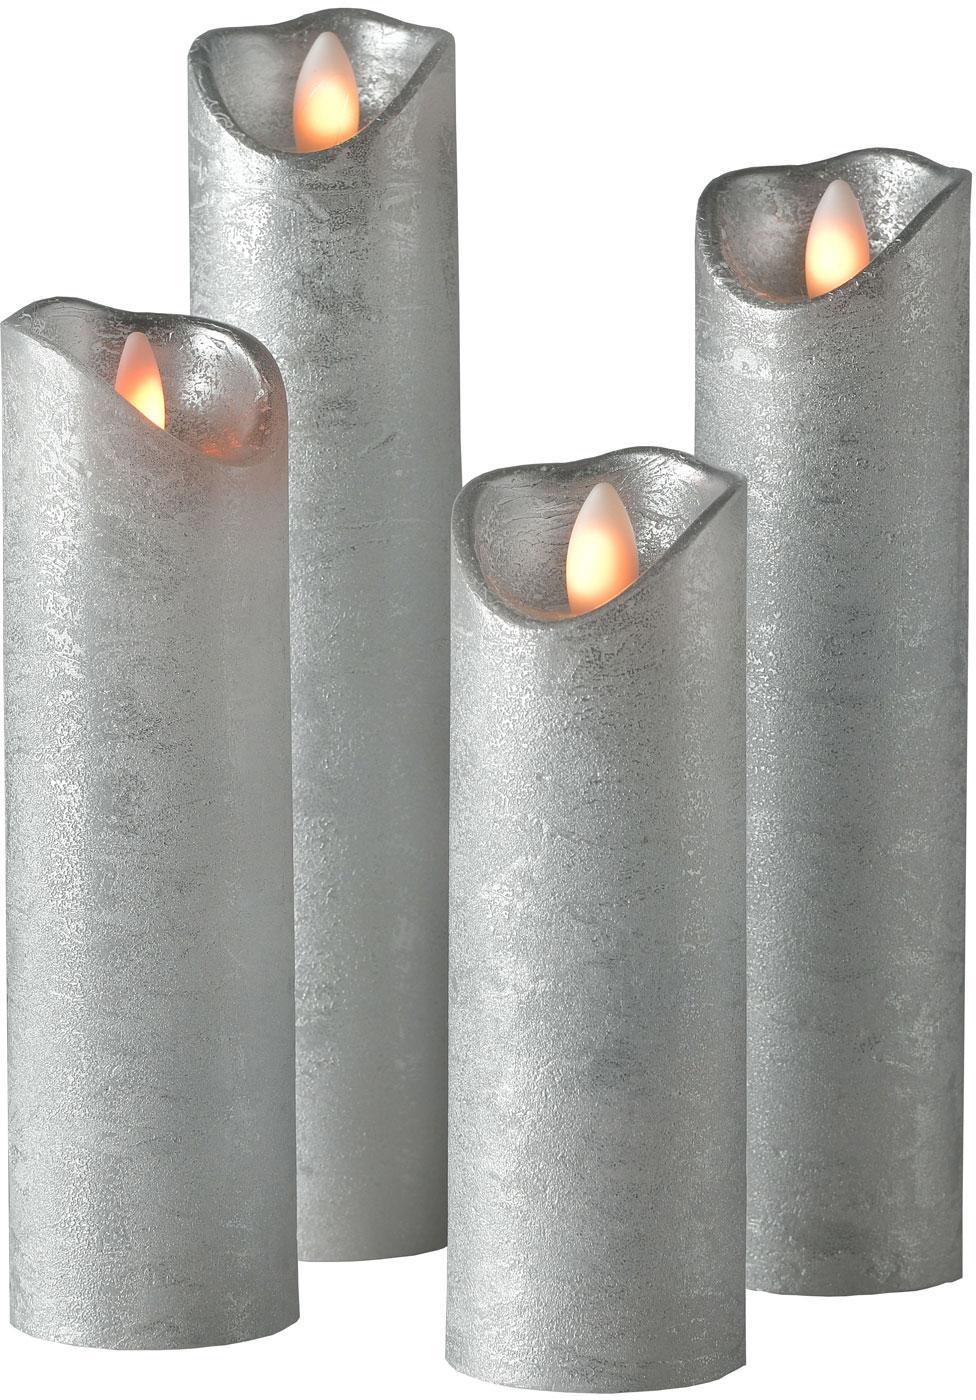 Sompex Valcová sviečka Shine LED, 4ks Ø 5 cm strieborná